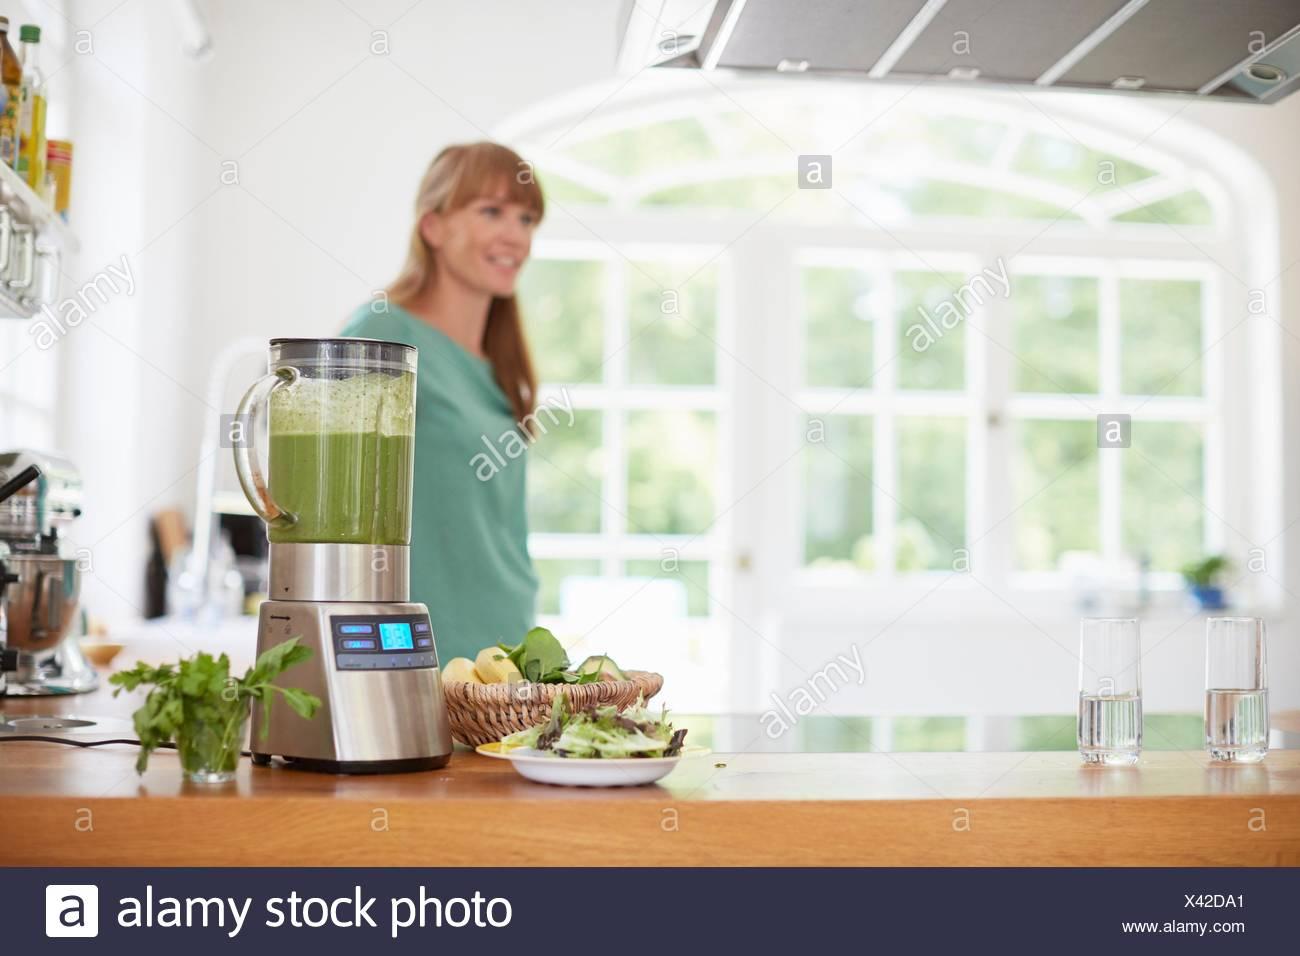 Woman next to blender full of green vegan smoothie - Stock Image